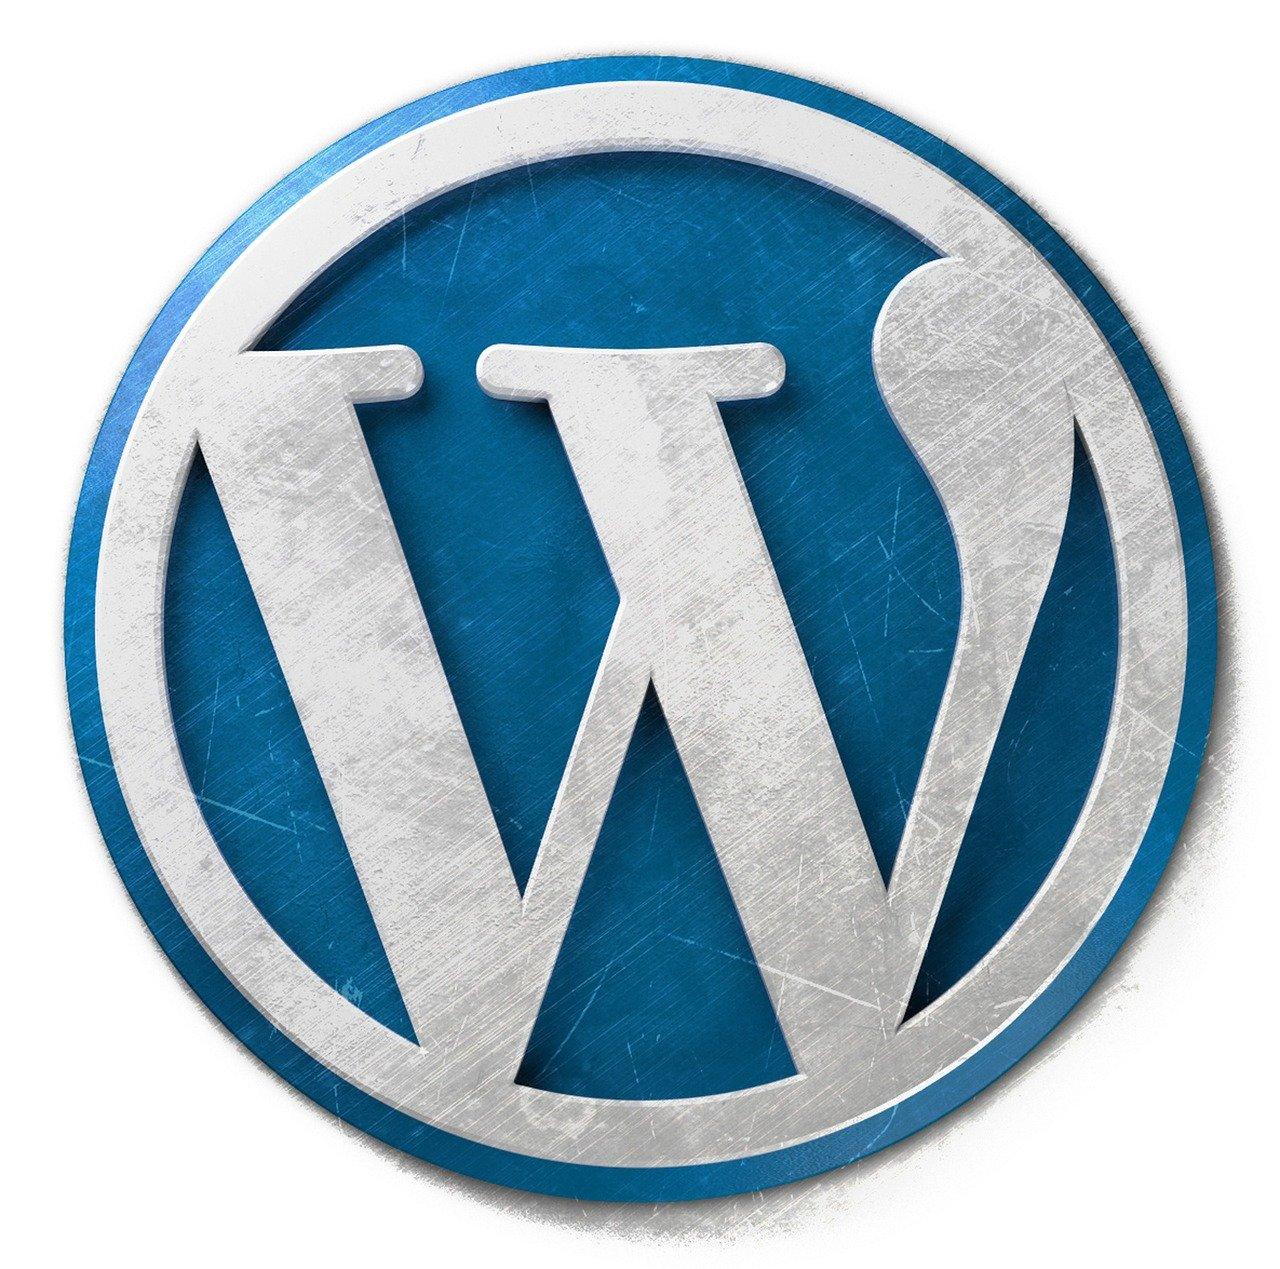 Création d'un site Internet Brive-la-Gaillarde avec WordPress